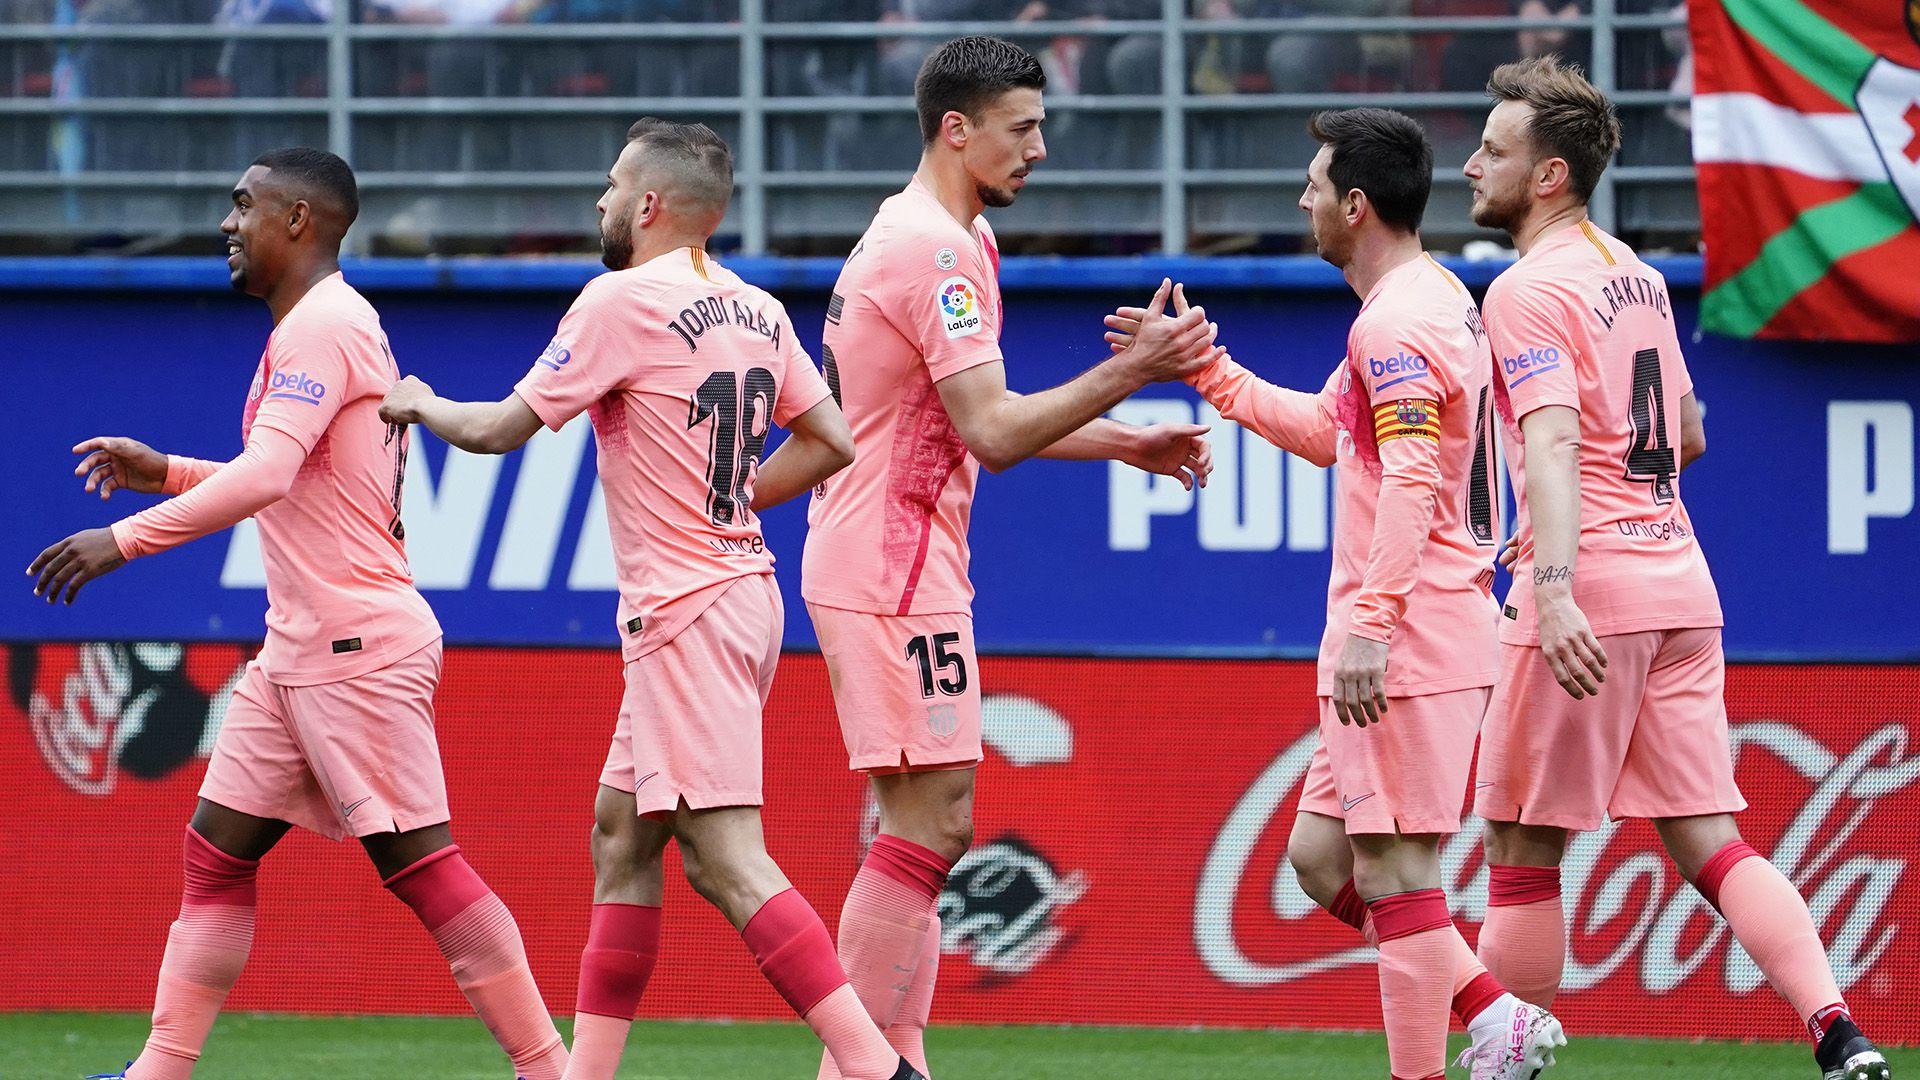 El Barcelona jugará este sábado la final de la Copa del Rey